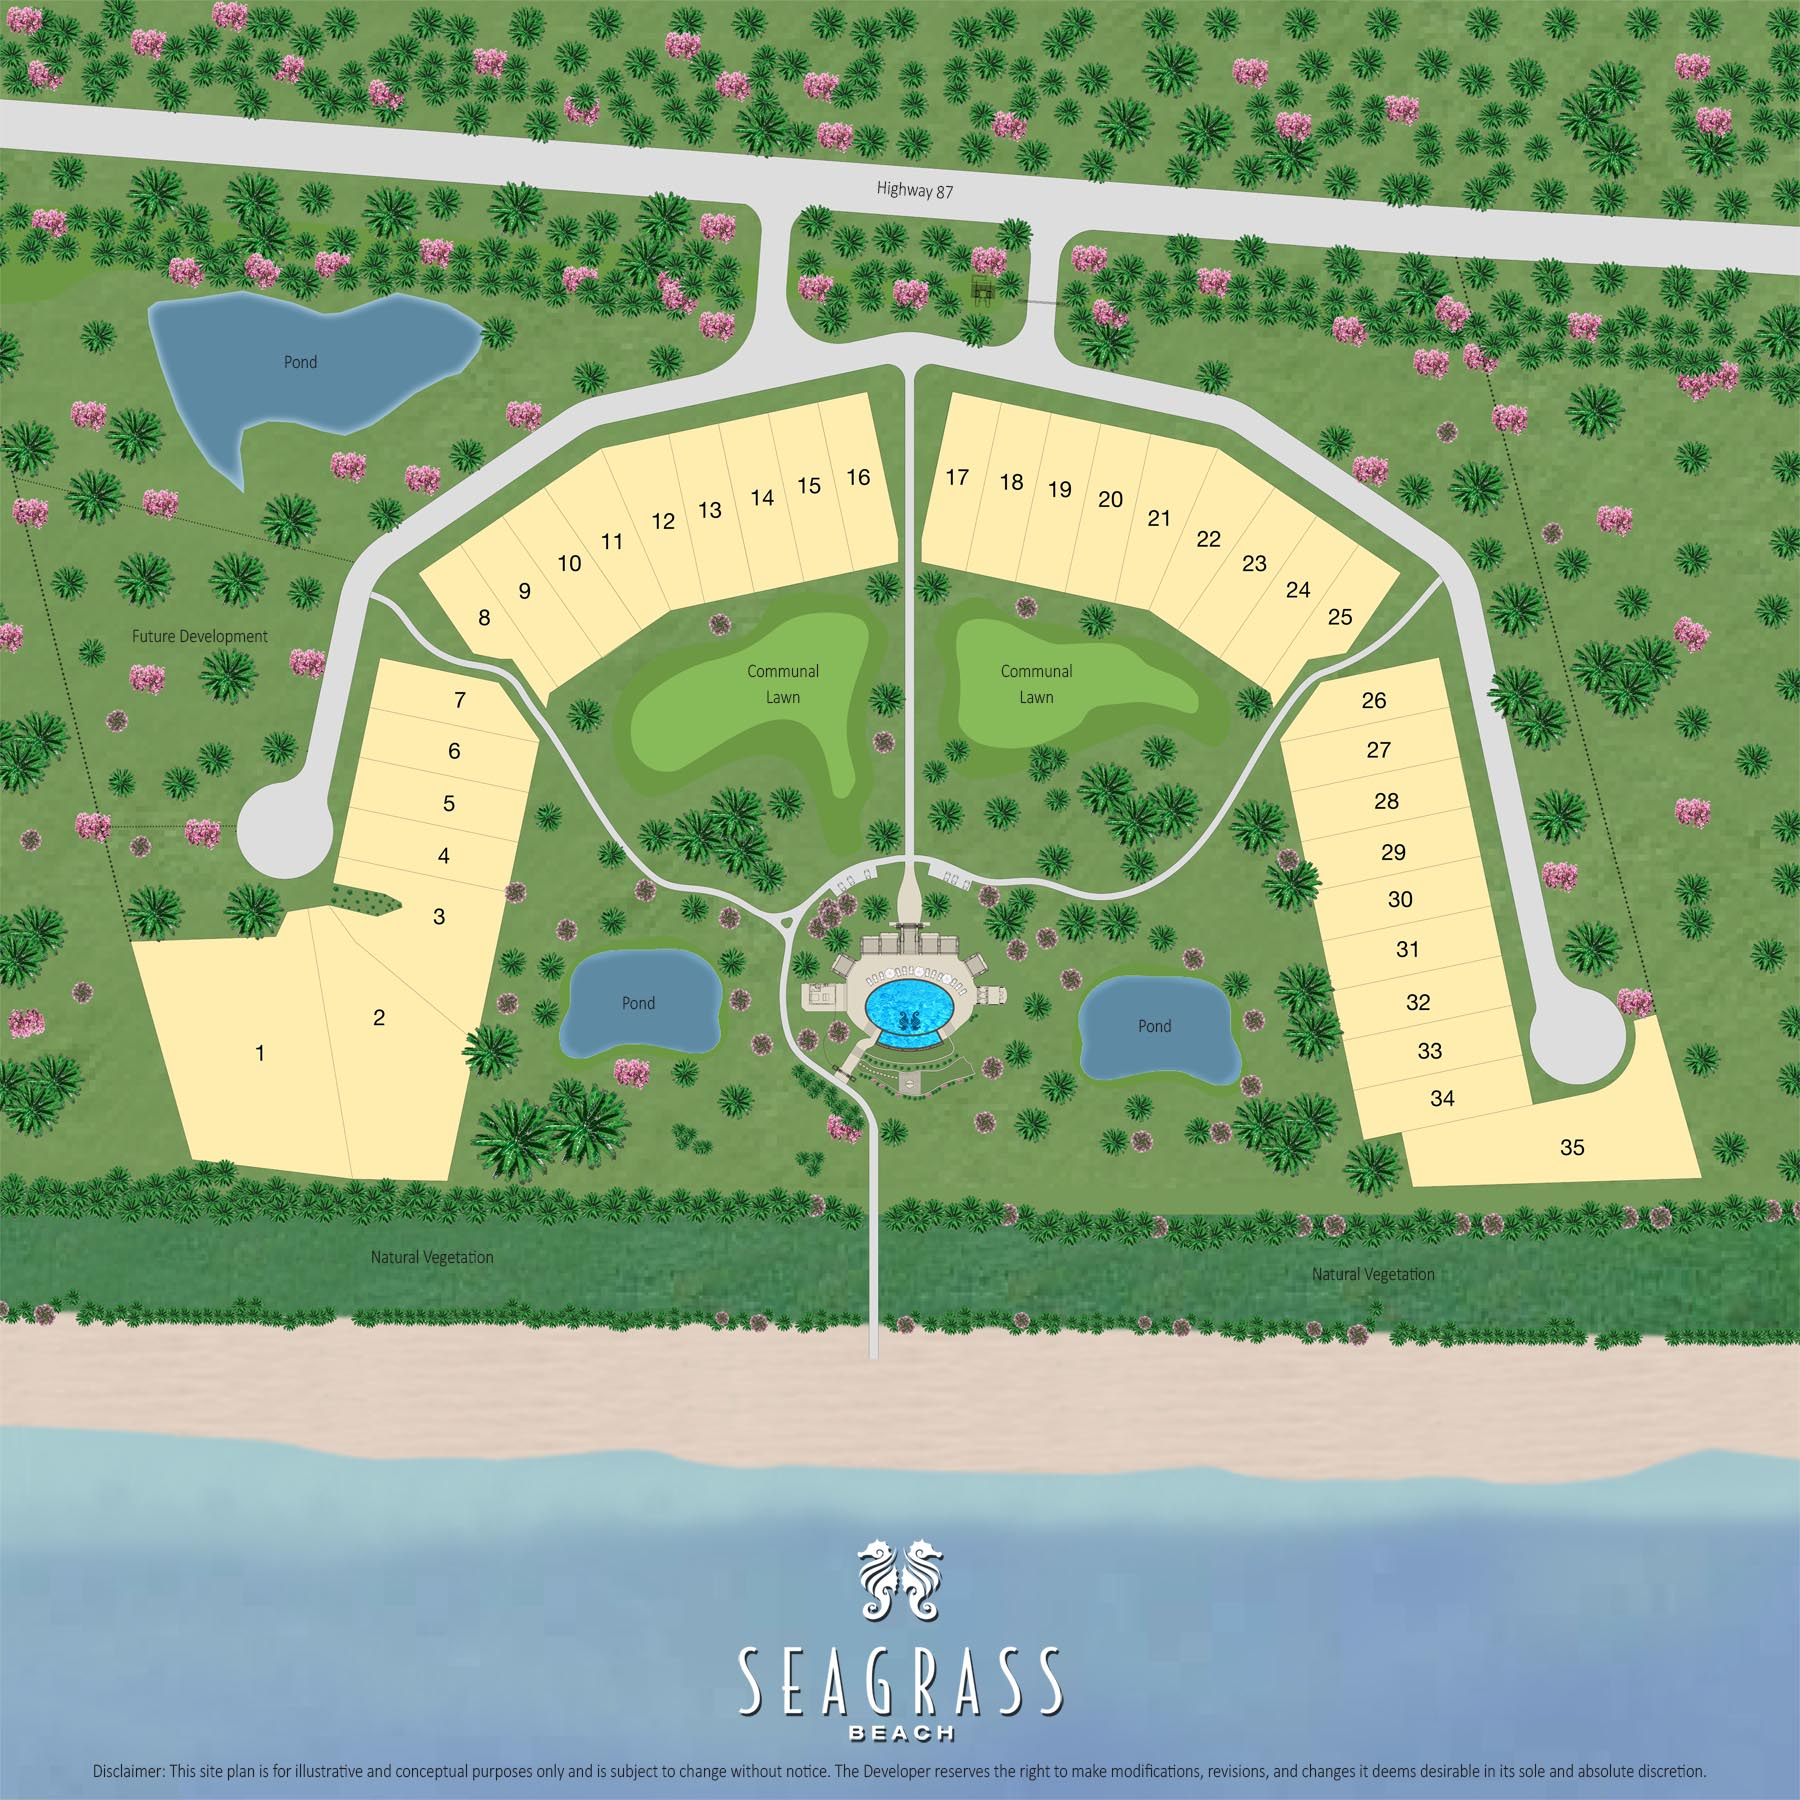 Seagrass Beach - Site Plan.jpg